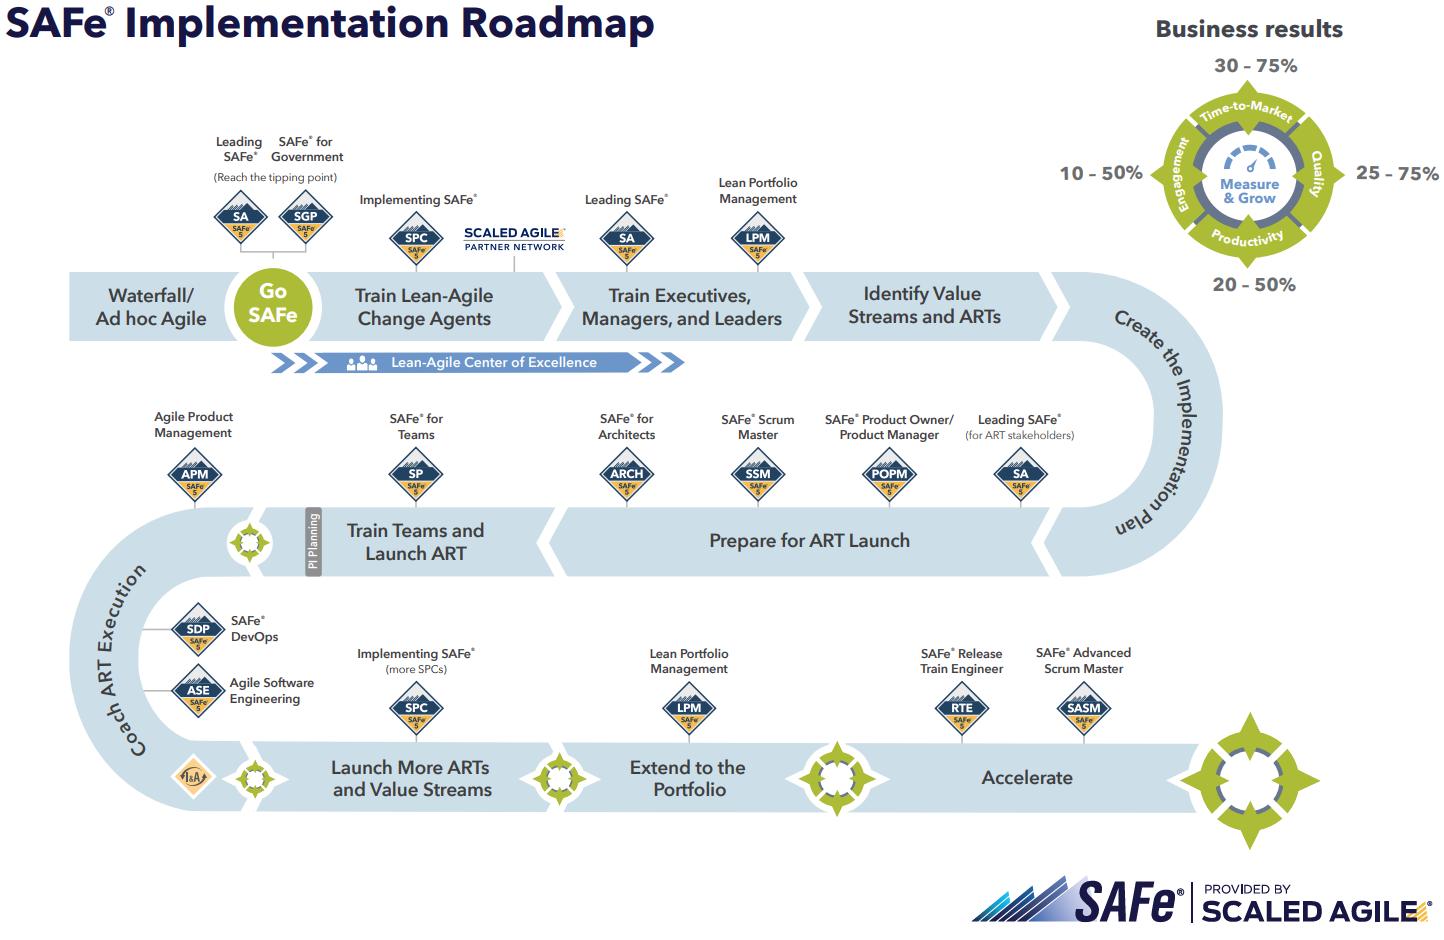 SAFe-implementation-roadmap